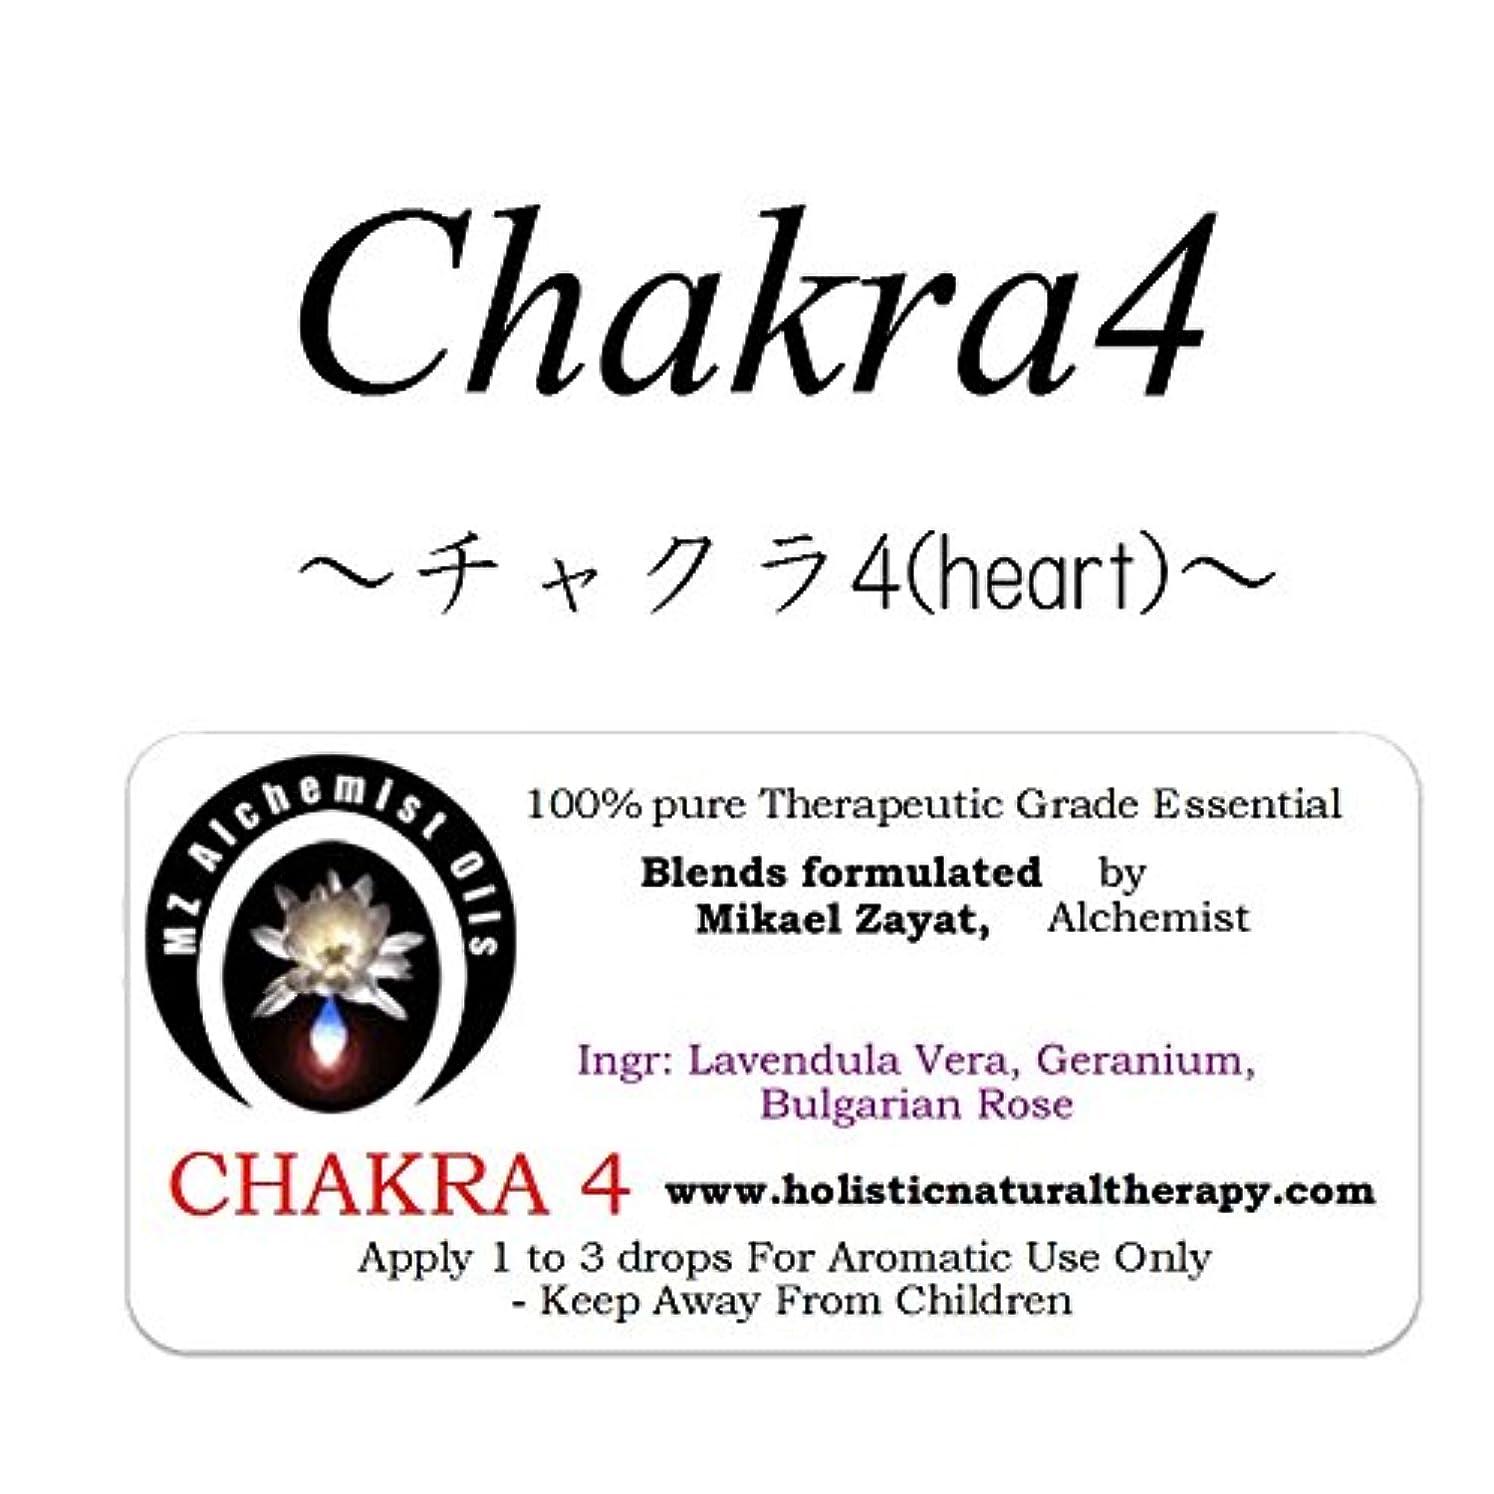 抜本的な不潔手配するミカエル?ザヤットアルケミストオイル セラピストグレードアロマオイル Chakra 4(heart)-チャクラ4 - 4ml